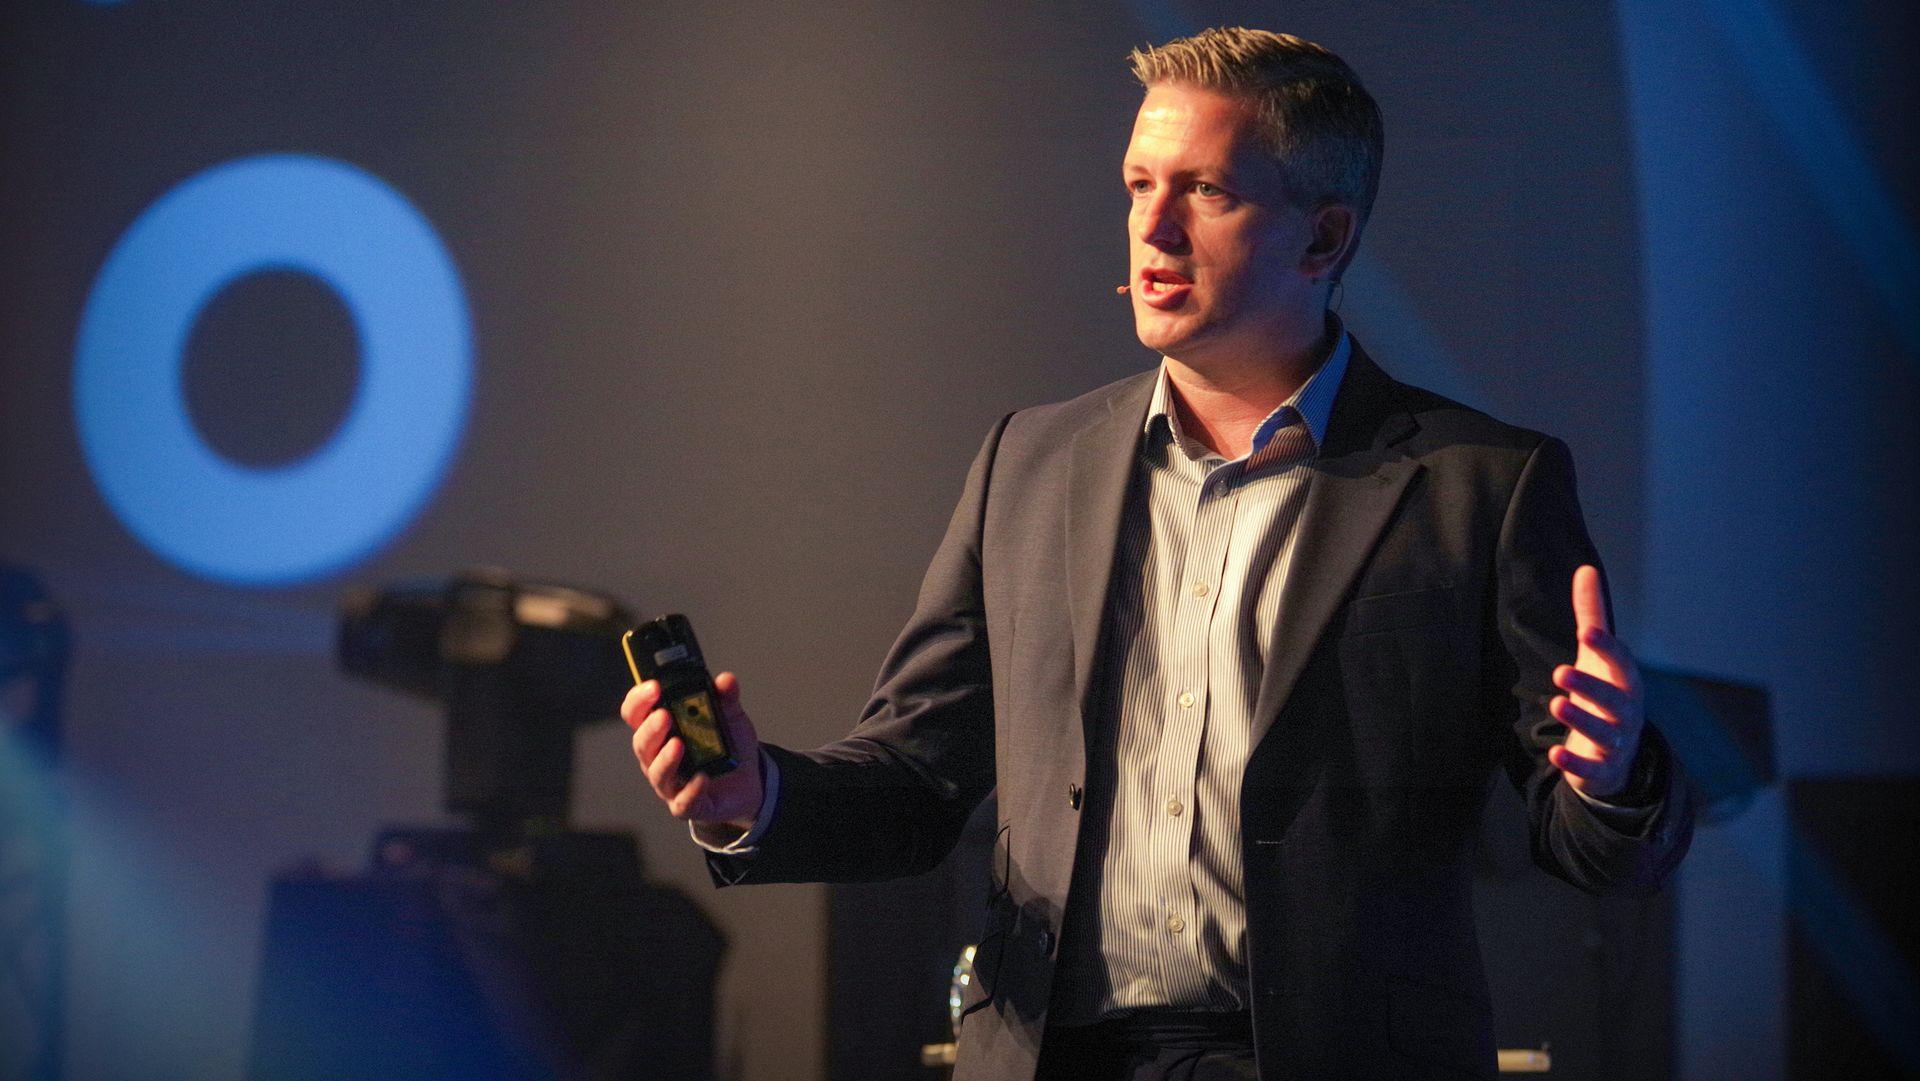 – Verden kobles sammen som aldri før, og det er helt fantastisk, men det åpner også for et hav av enheter som hackerne kan bruke for å lure seg inn i et nettverk. Markedet oversvømmes av produkter og problemene hoper seg opp, sier John Maynard, direktør for cybersikkerhet i Cisco Europa.